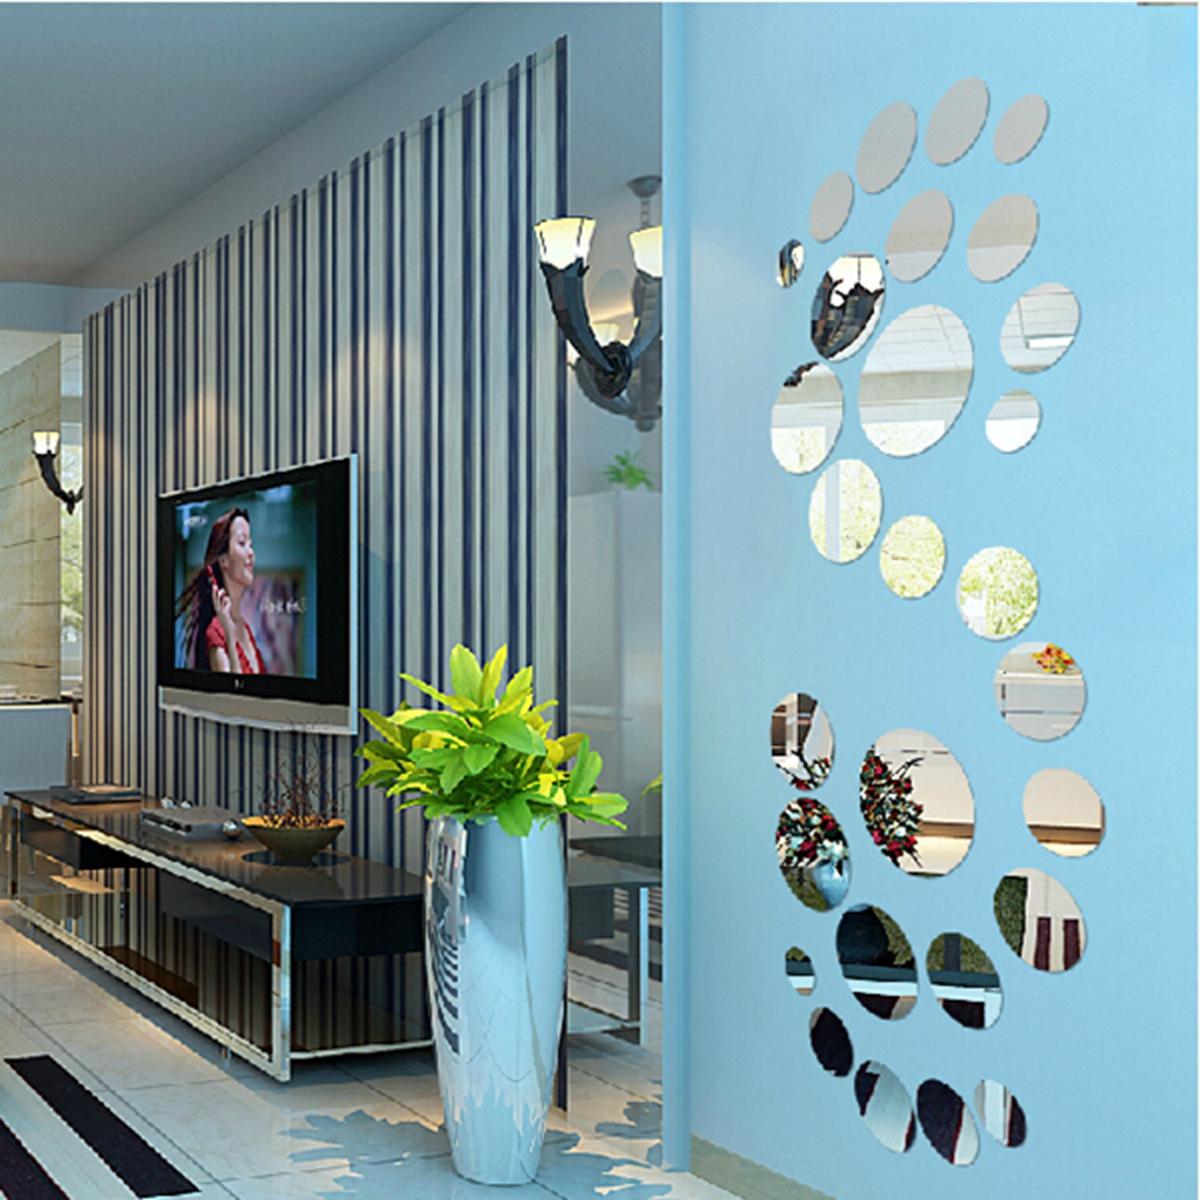 30x diy rund kreis wandtattoo spiegel aufkleber sticker wand wohnzimmer bad deko ebay. Black Bedroom Furniture Sets. Home Design Ideas